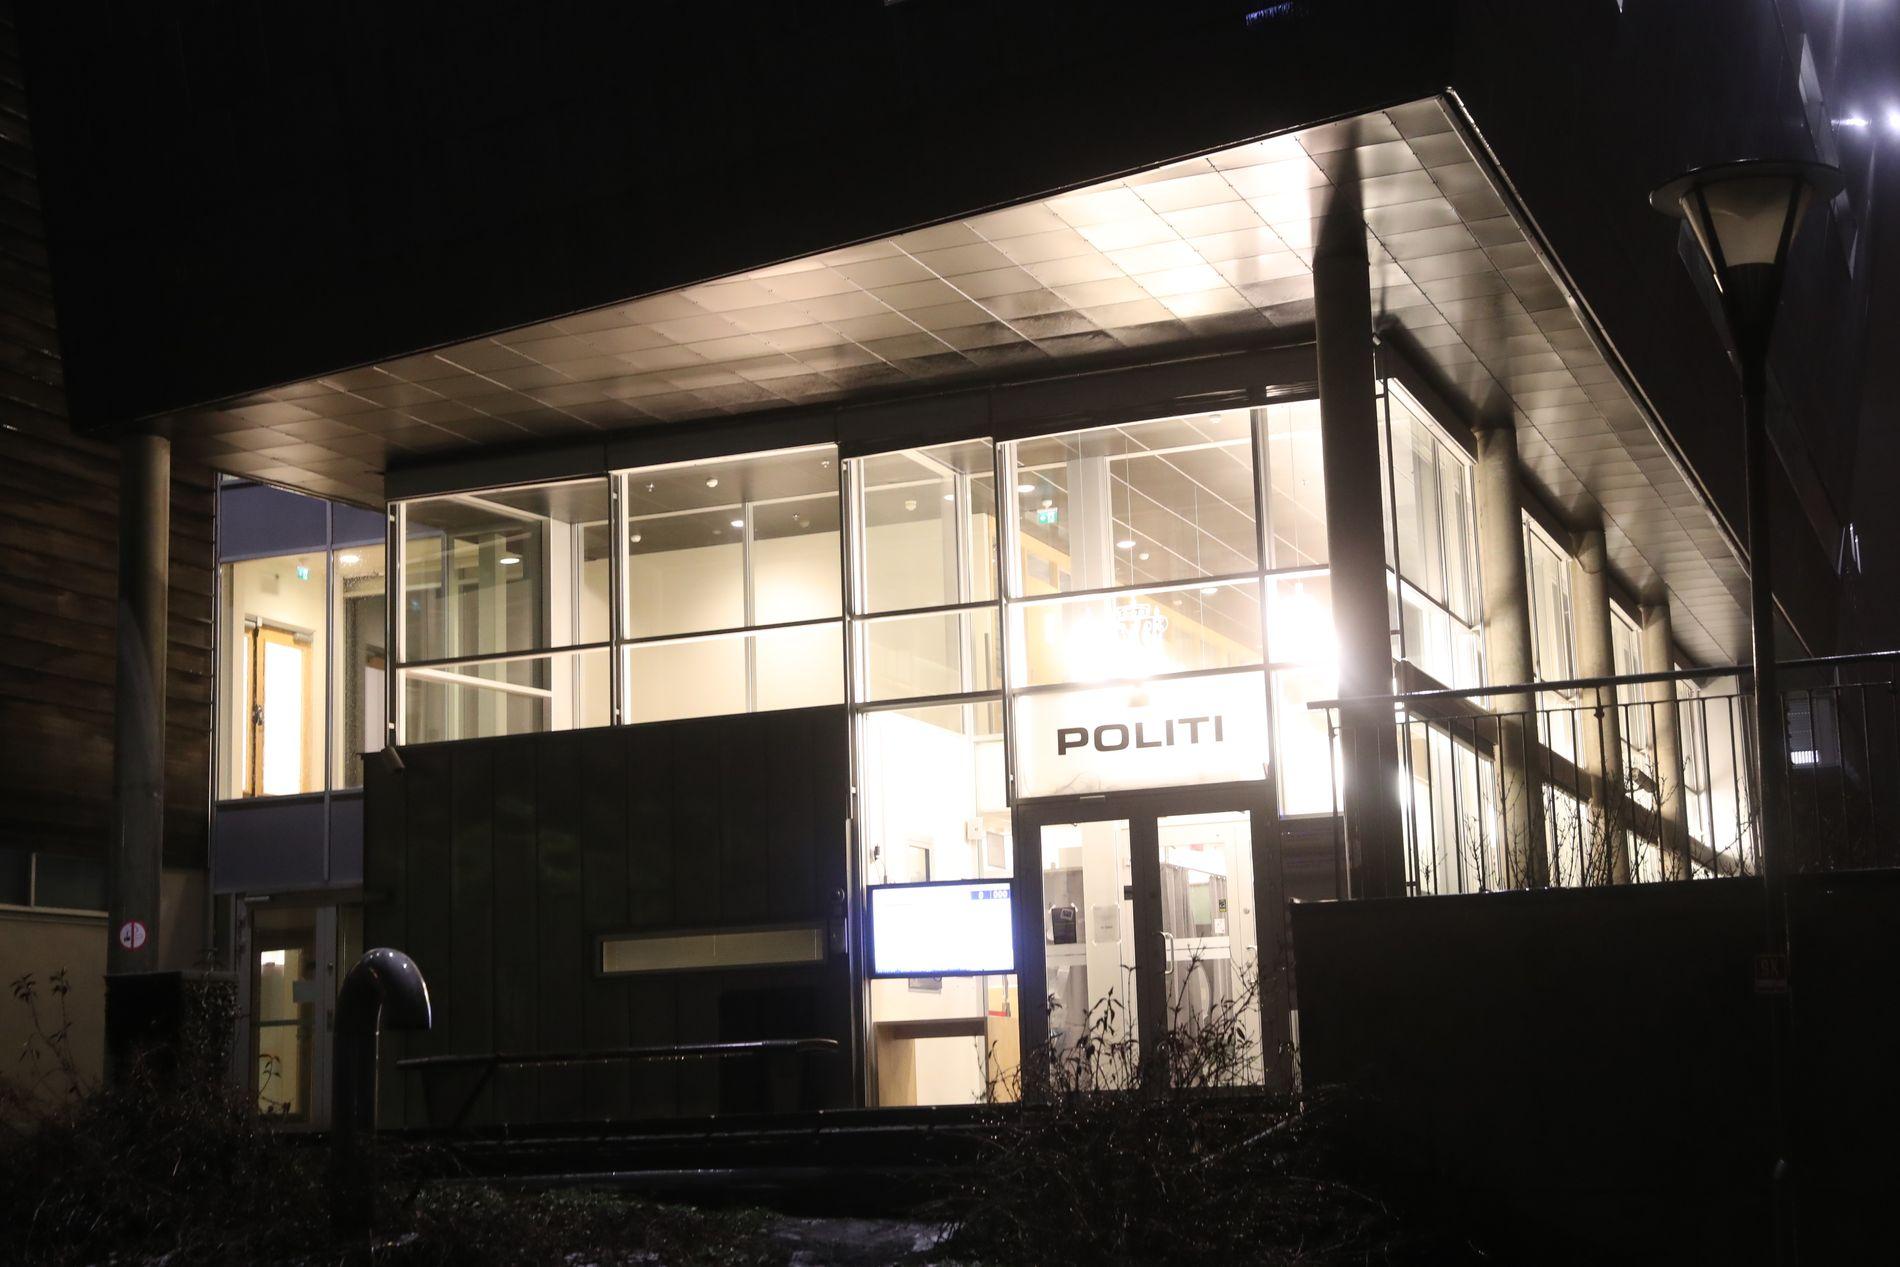 POLITIHUSET: Det var her på Follo politistasjon i Ski i Akershus at politiet fant en pakke som det torsdag ble bekreftet at inneholdt en bombe.